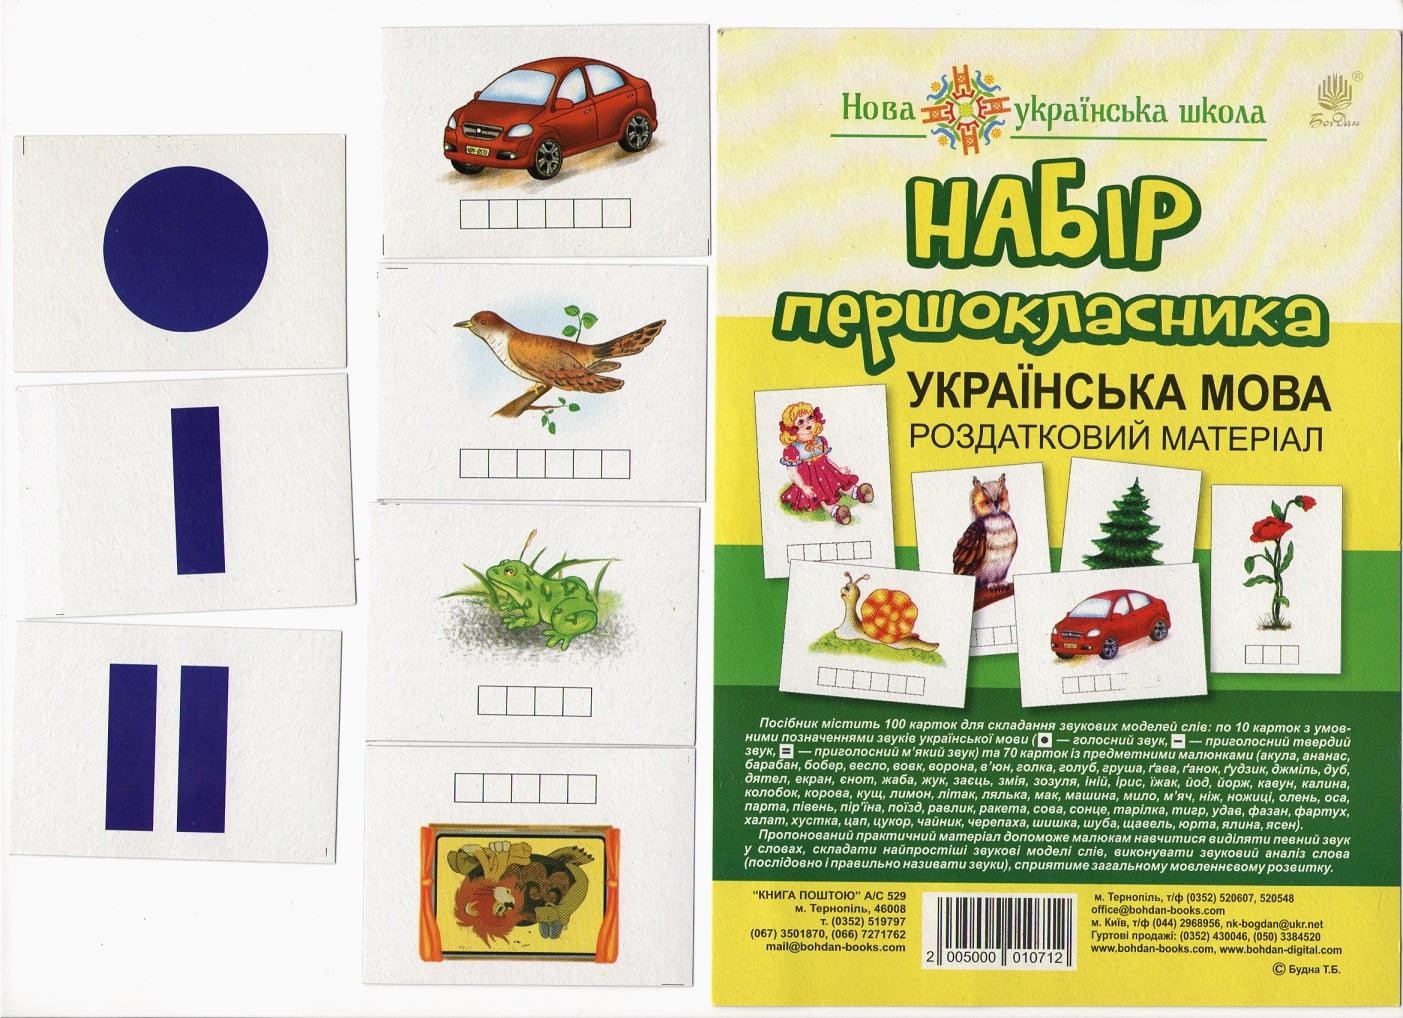 Українська мова. Роздатковий матеріал (Набір першокласника)